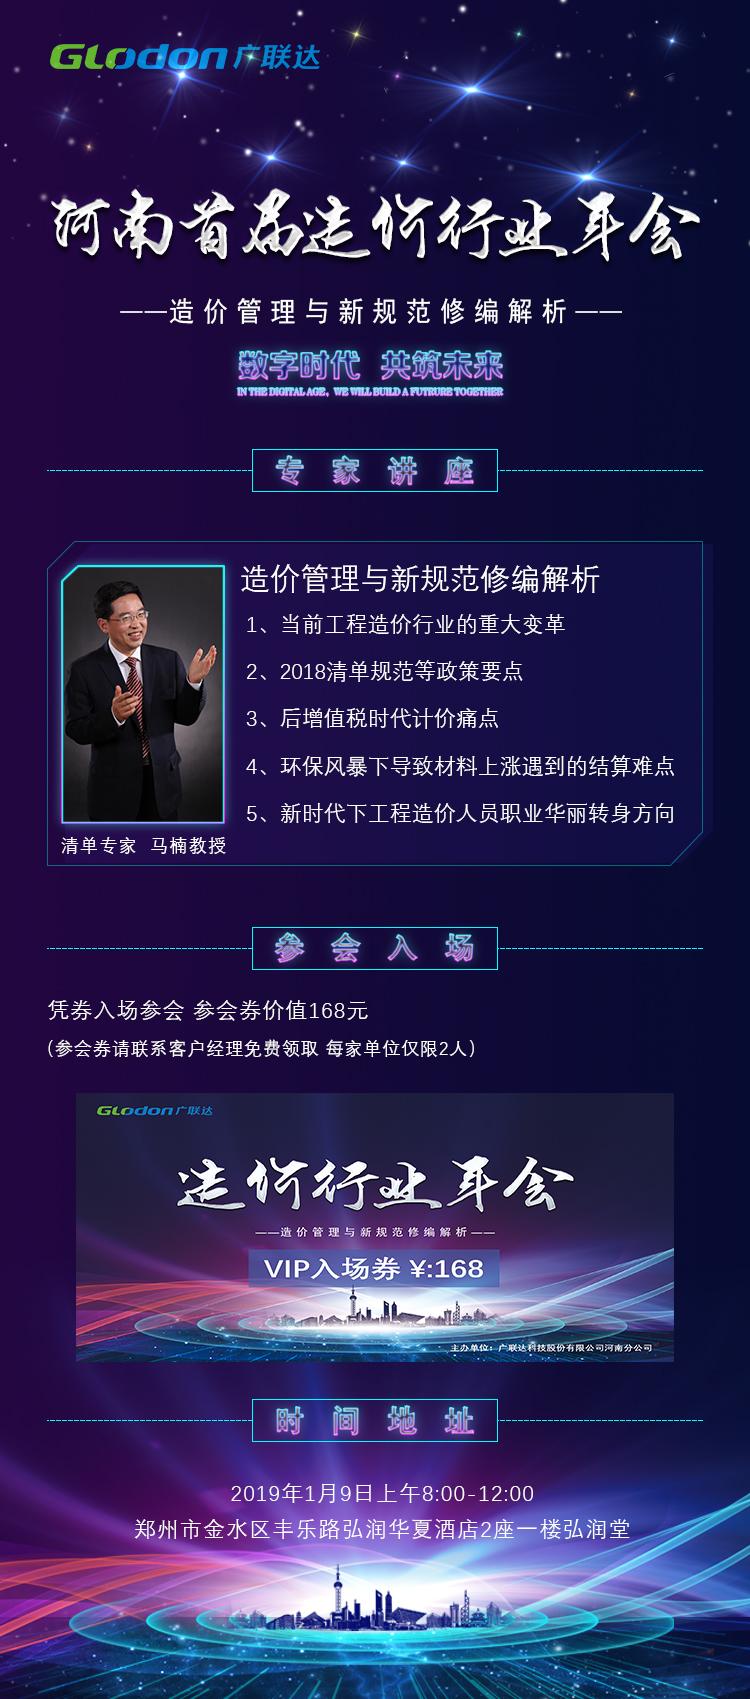 郑州报名详情页.jpg